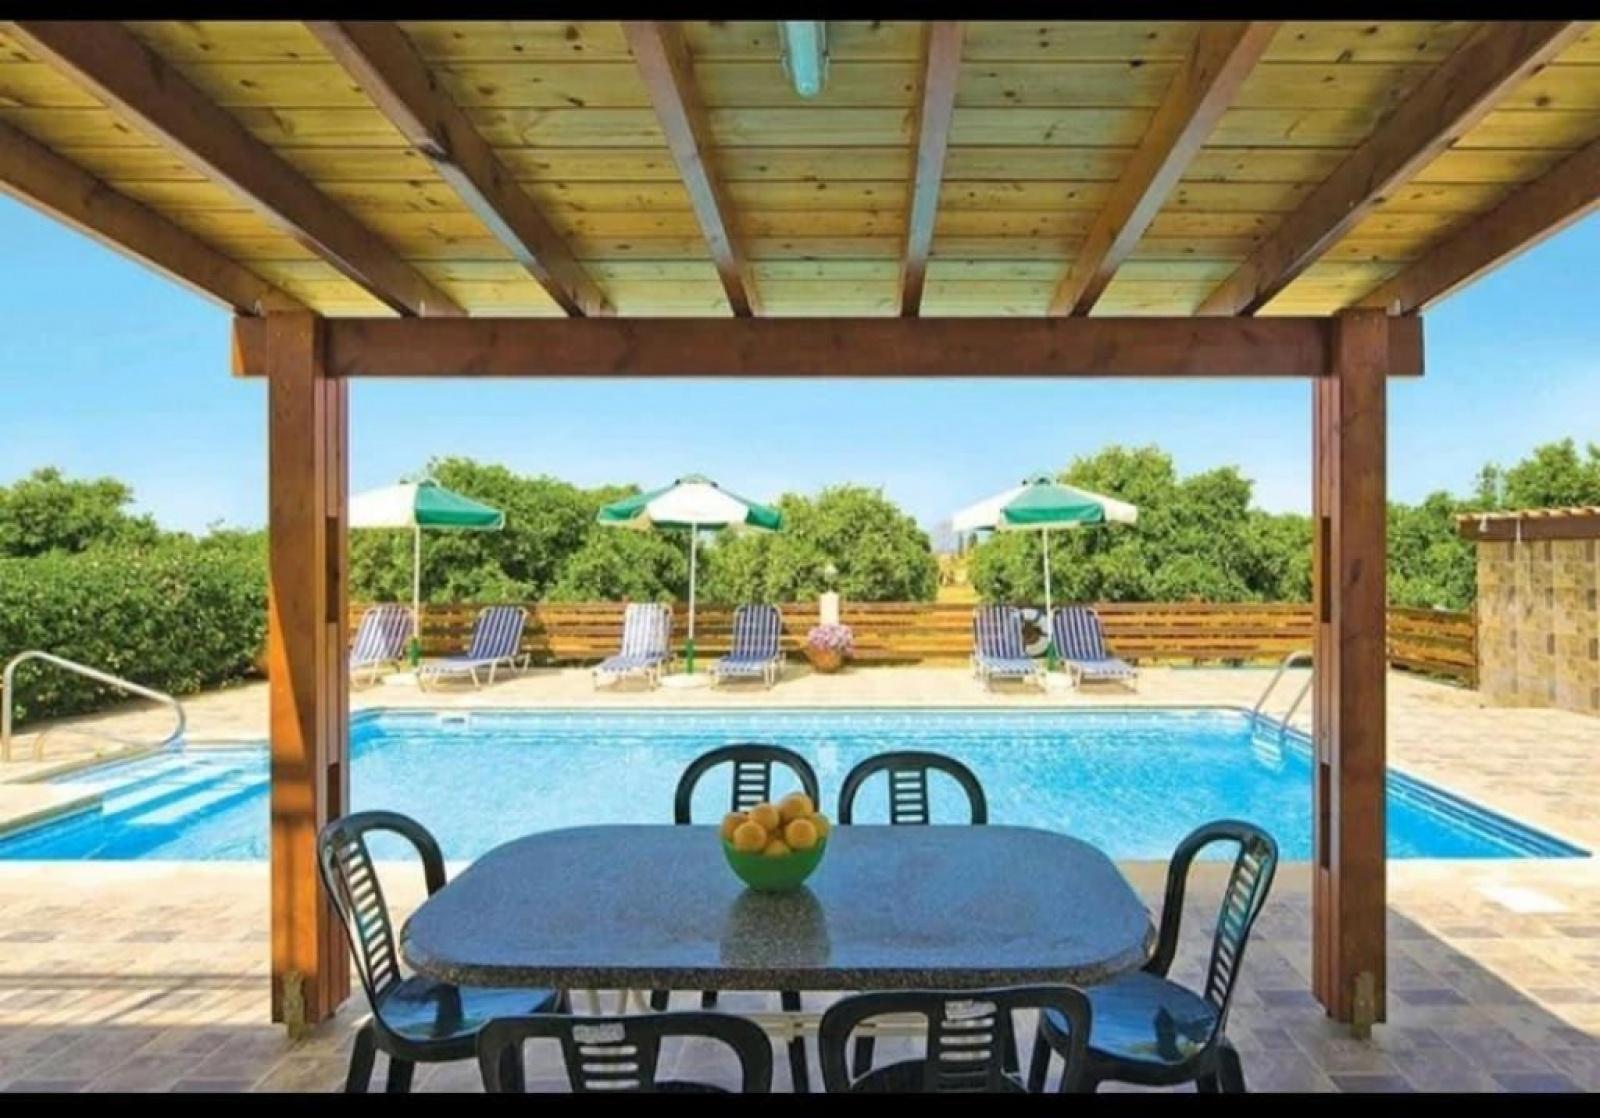 Residential Villa - Latsi Investment Opportunity - 2 Villas